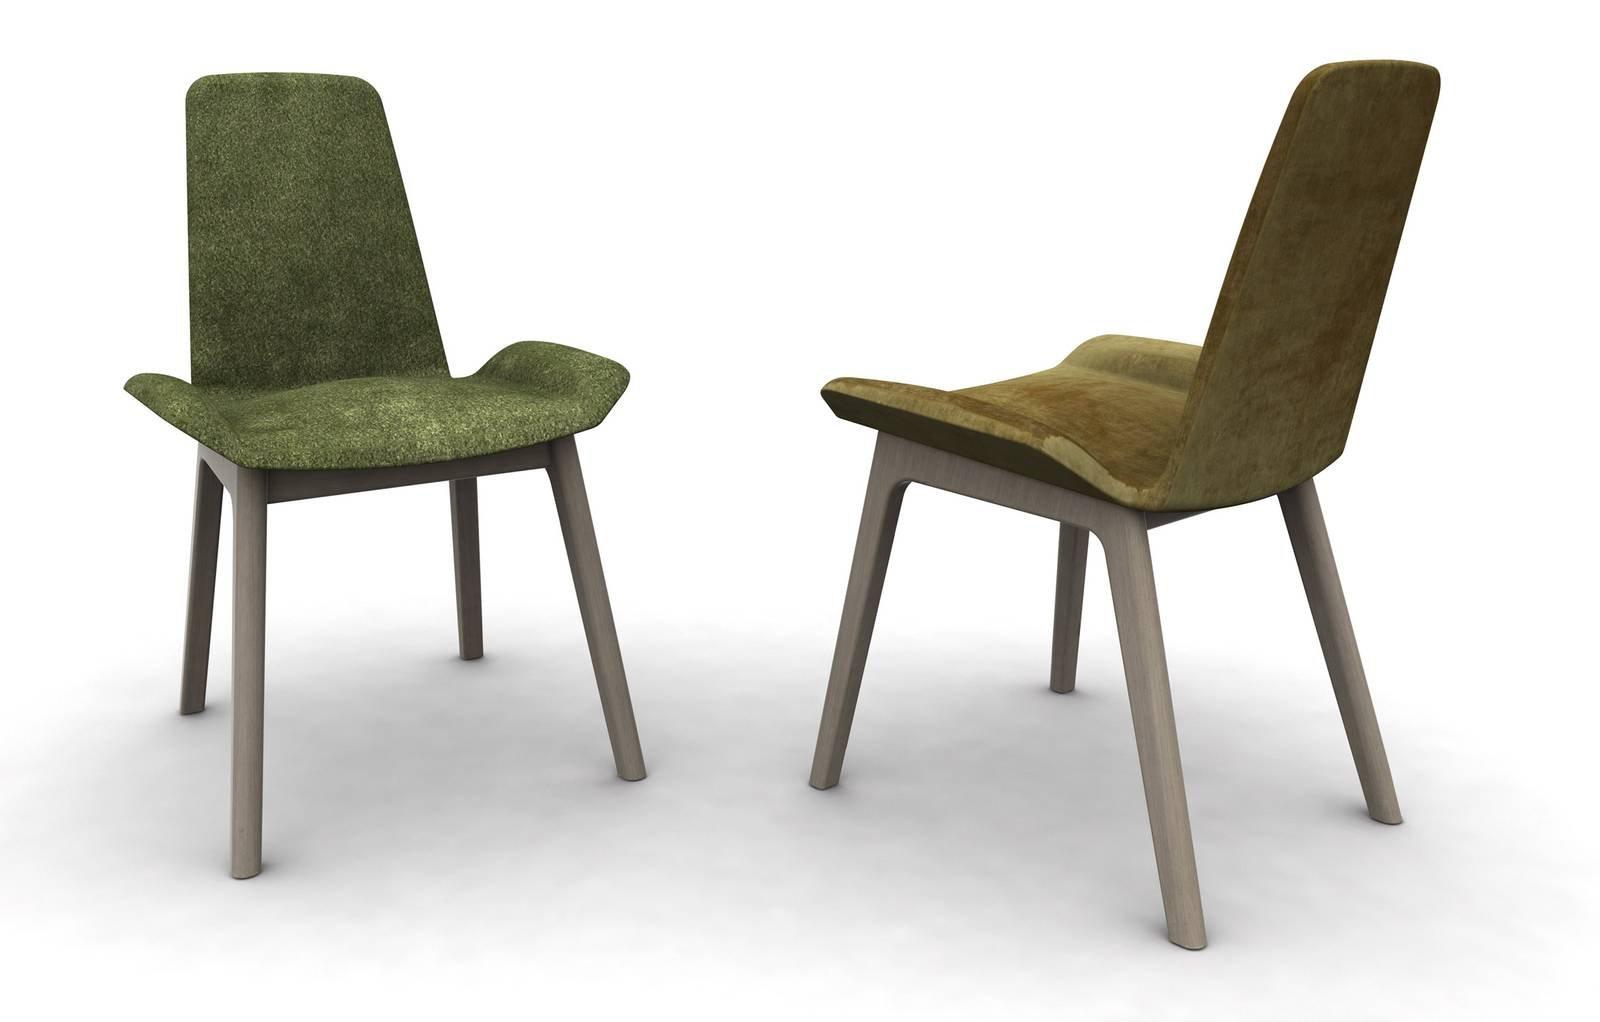 Le nuove sedie e poltroncine al salone del mobile 2017 for Sedie particolari